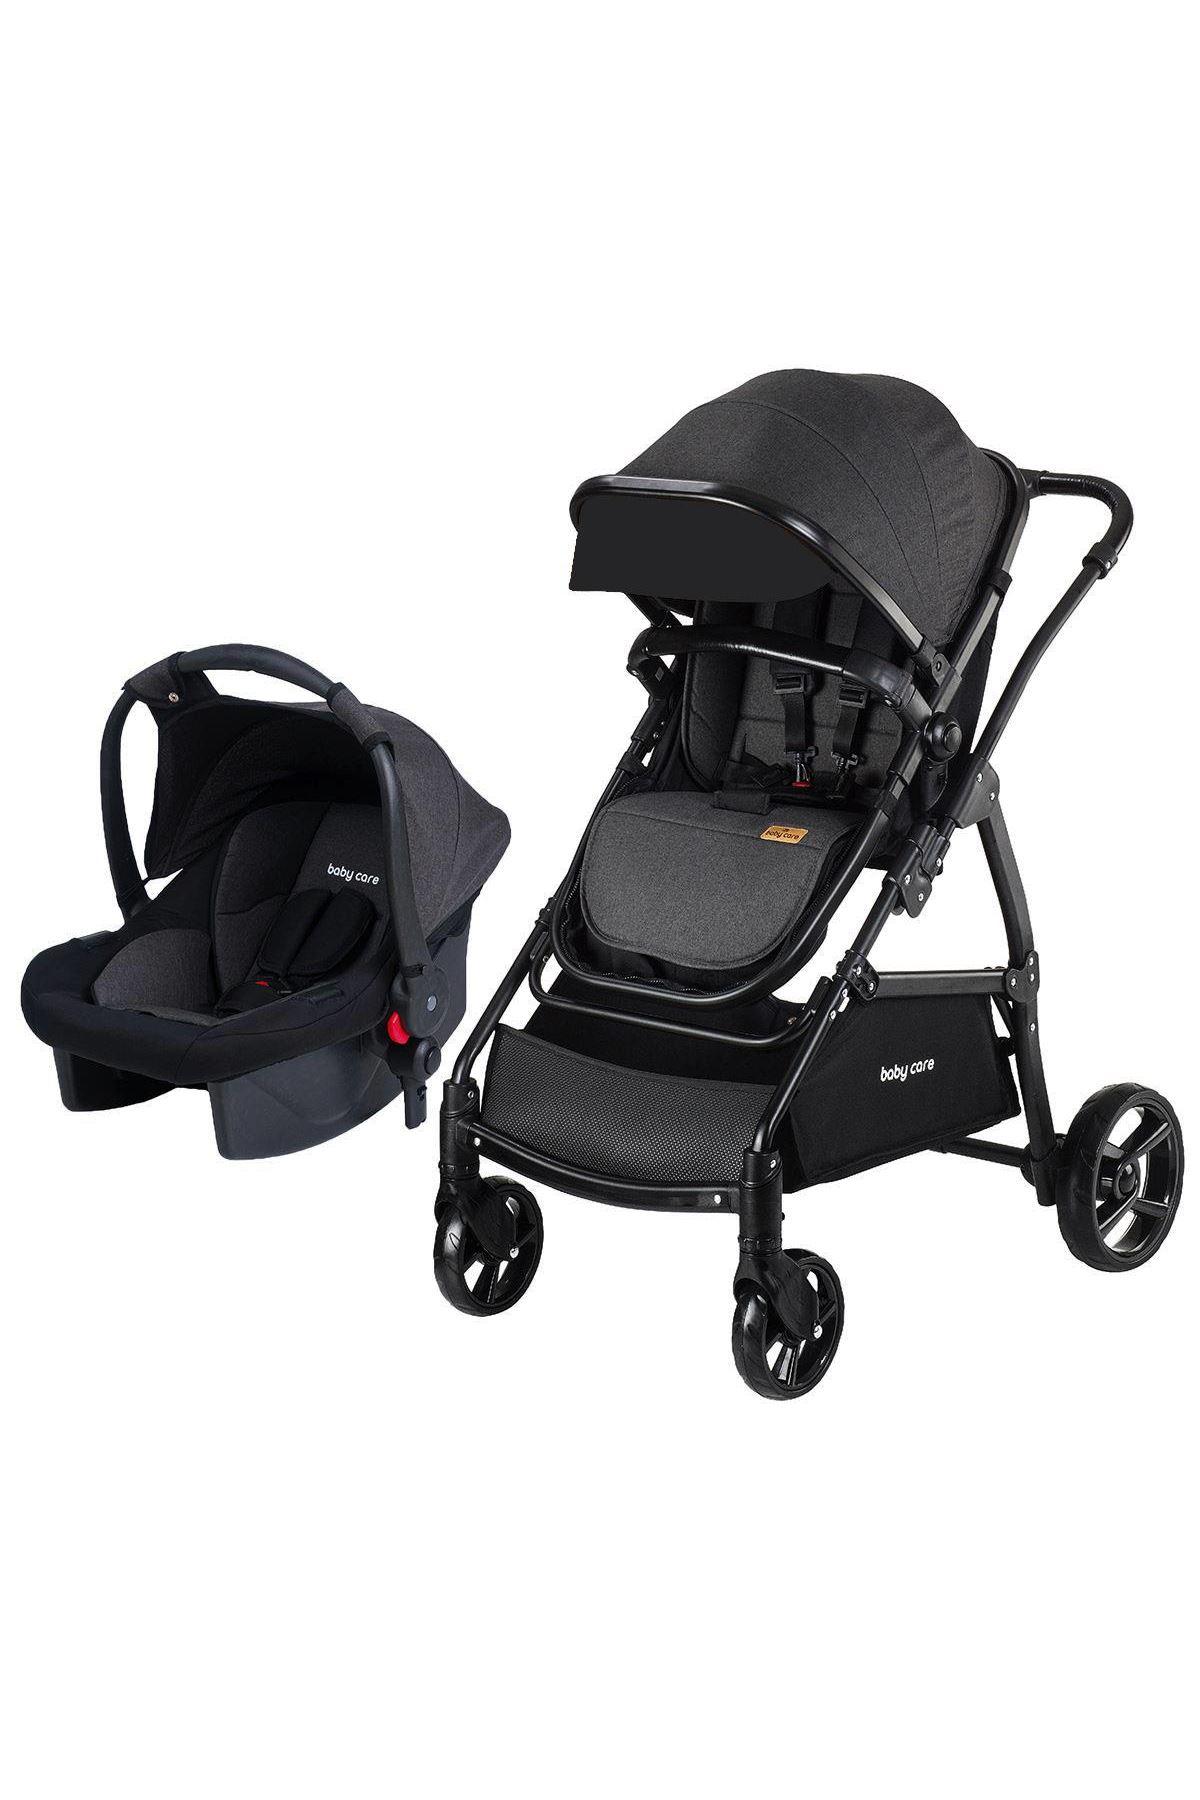 Baby Care 310 Safari Travel Sistem Bebek Arabası Siyah